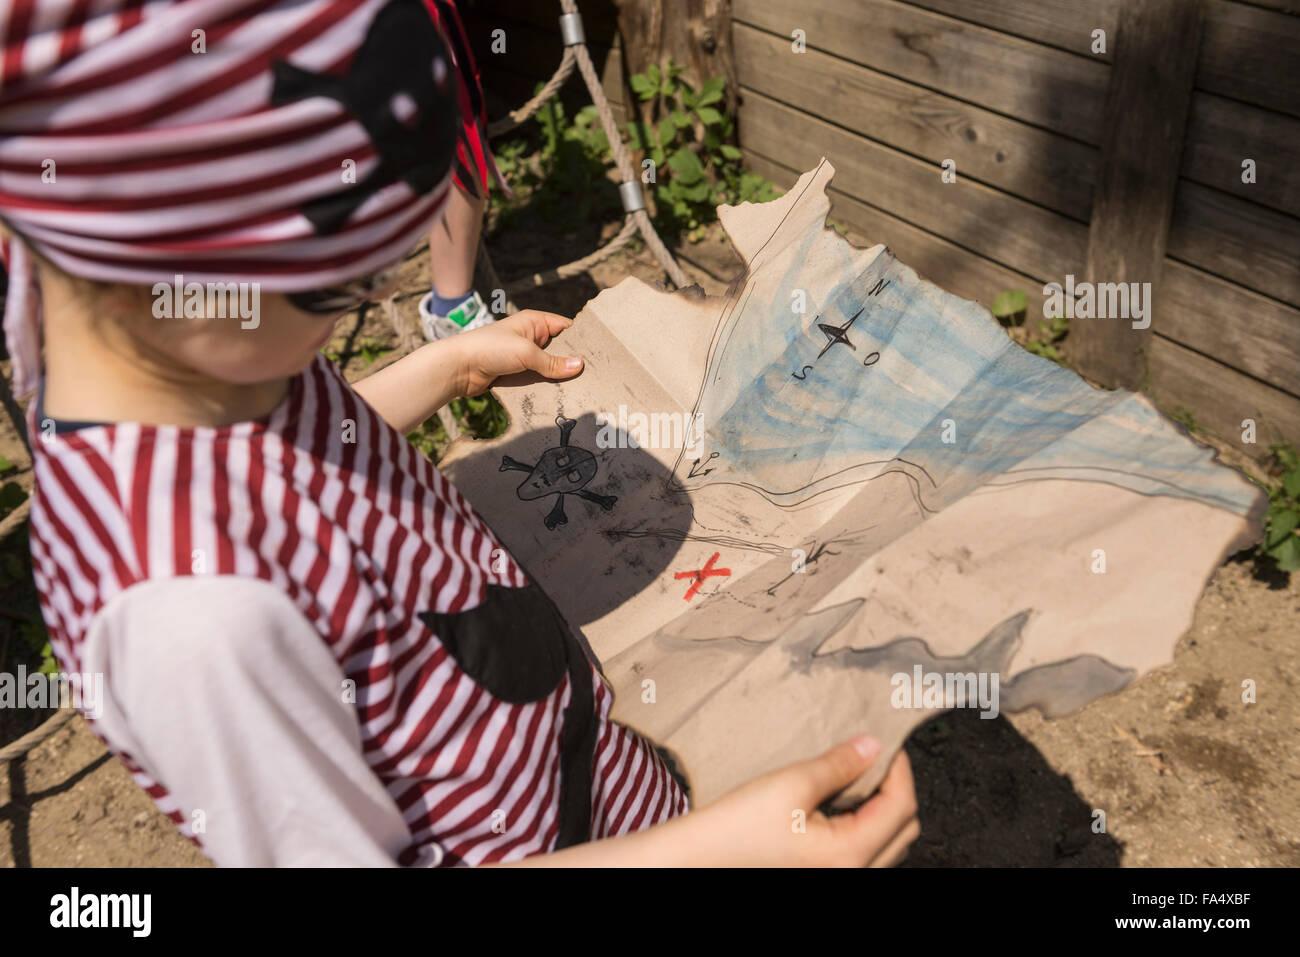 Une Carte Au Tresor En Allemand.Close Up Of A Boy L Examen D Une Carte Au Tresor Dans Un